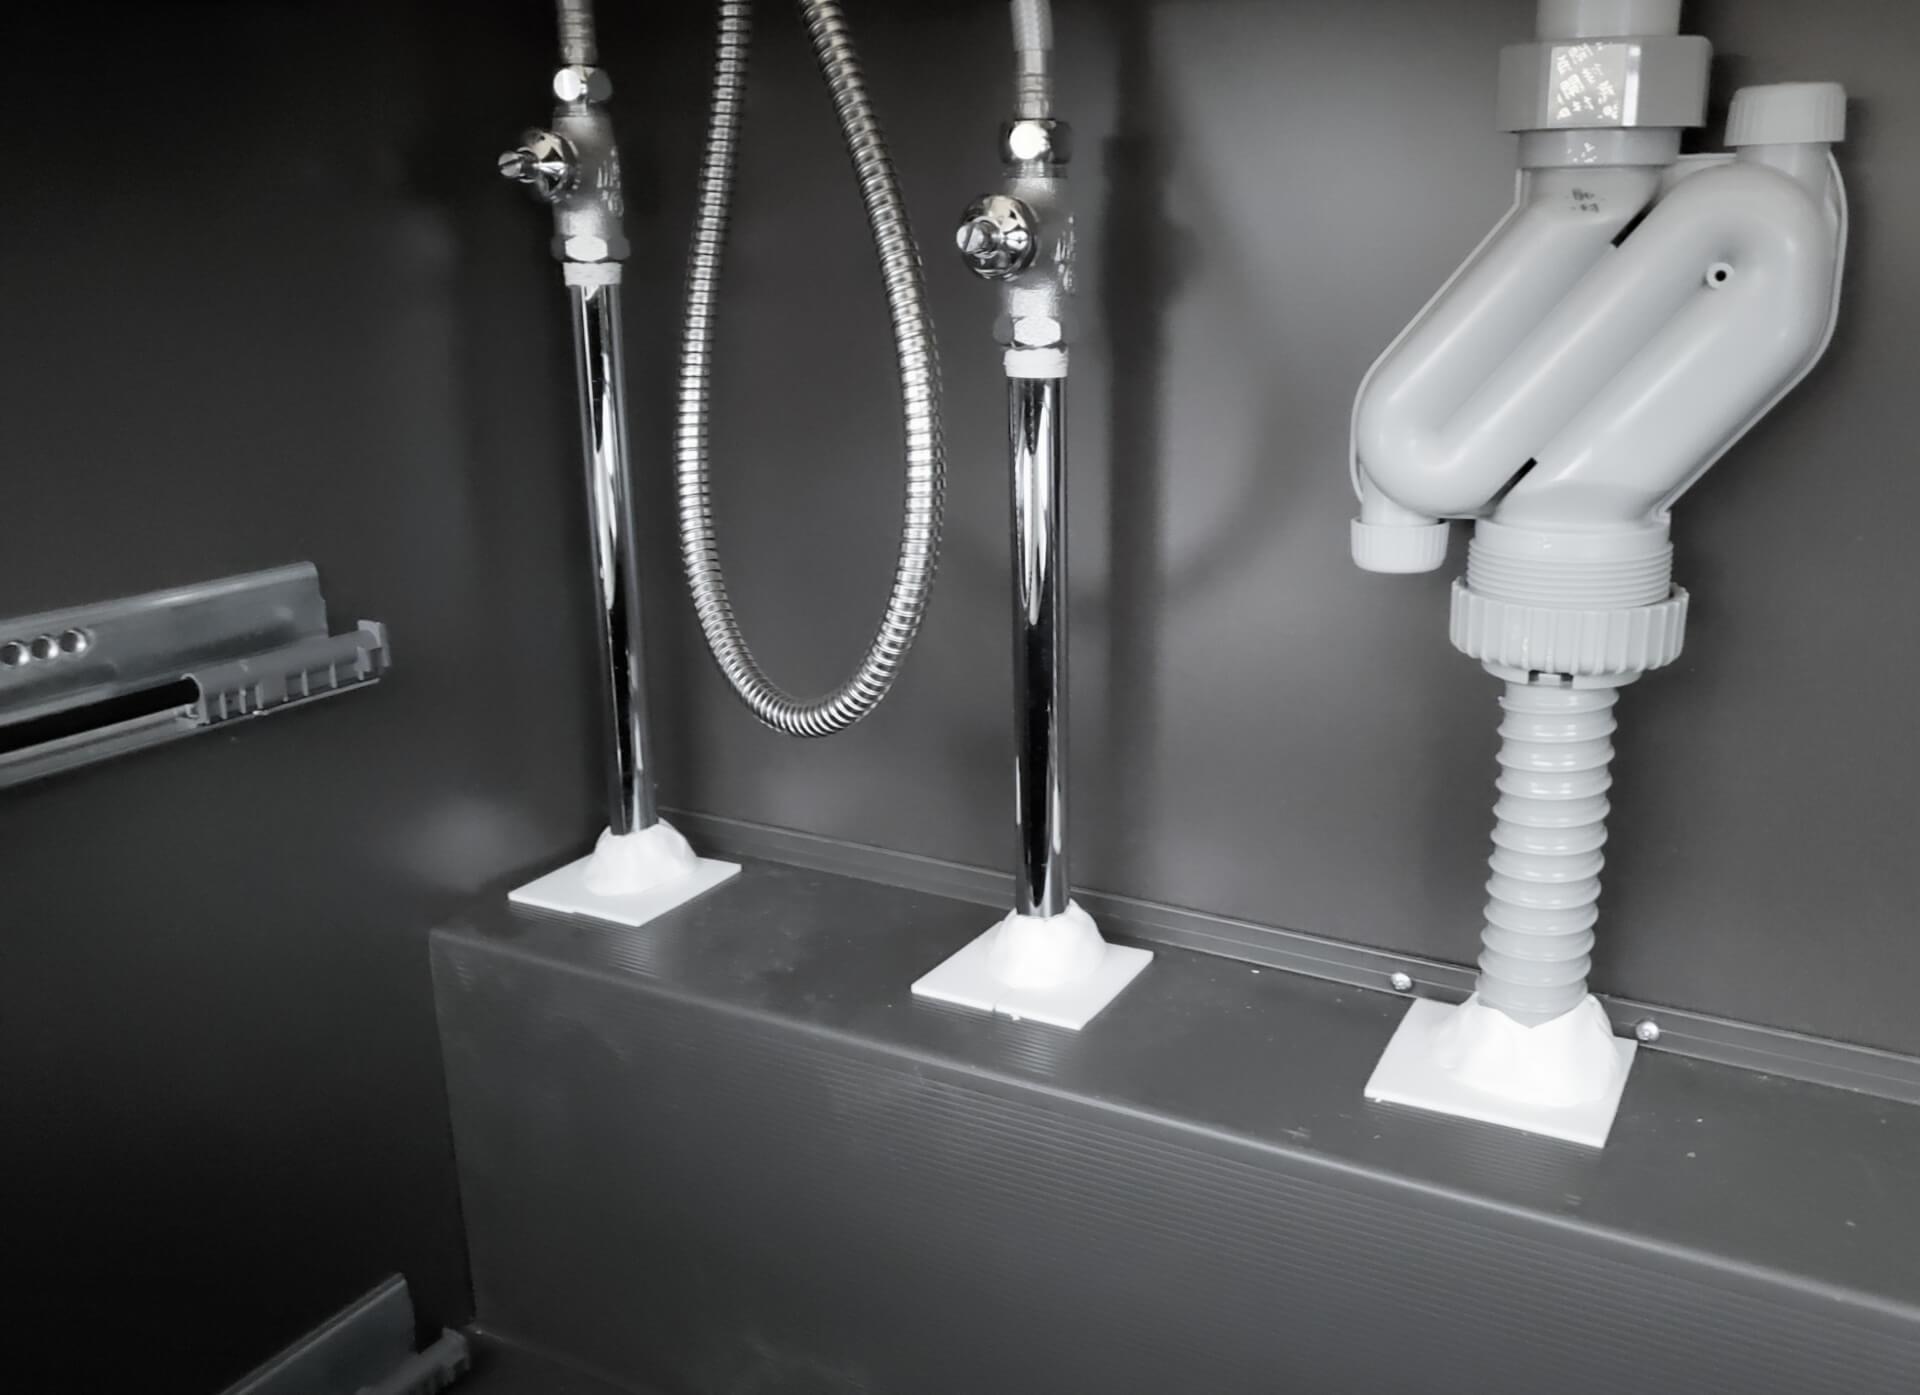 シンク下の水漏れの原因と修理方法